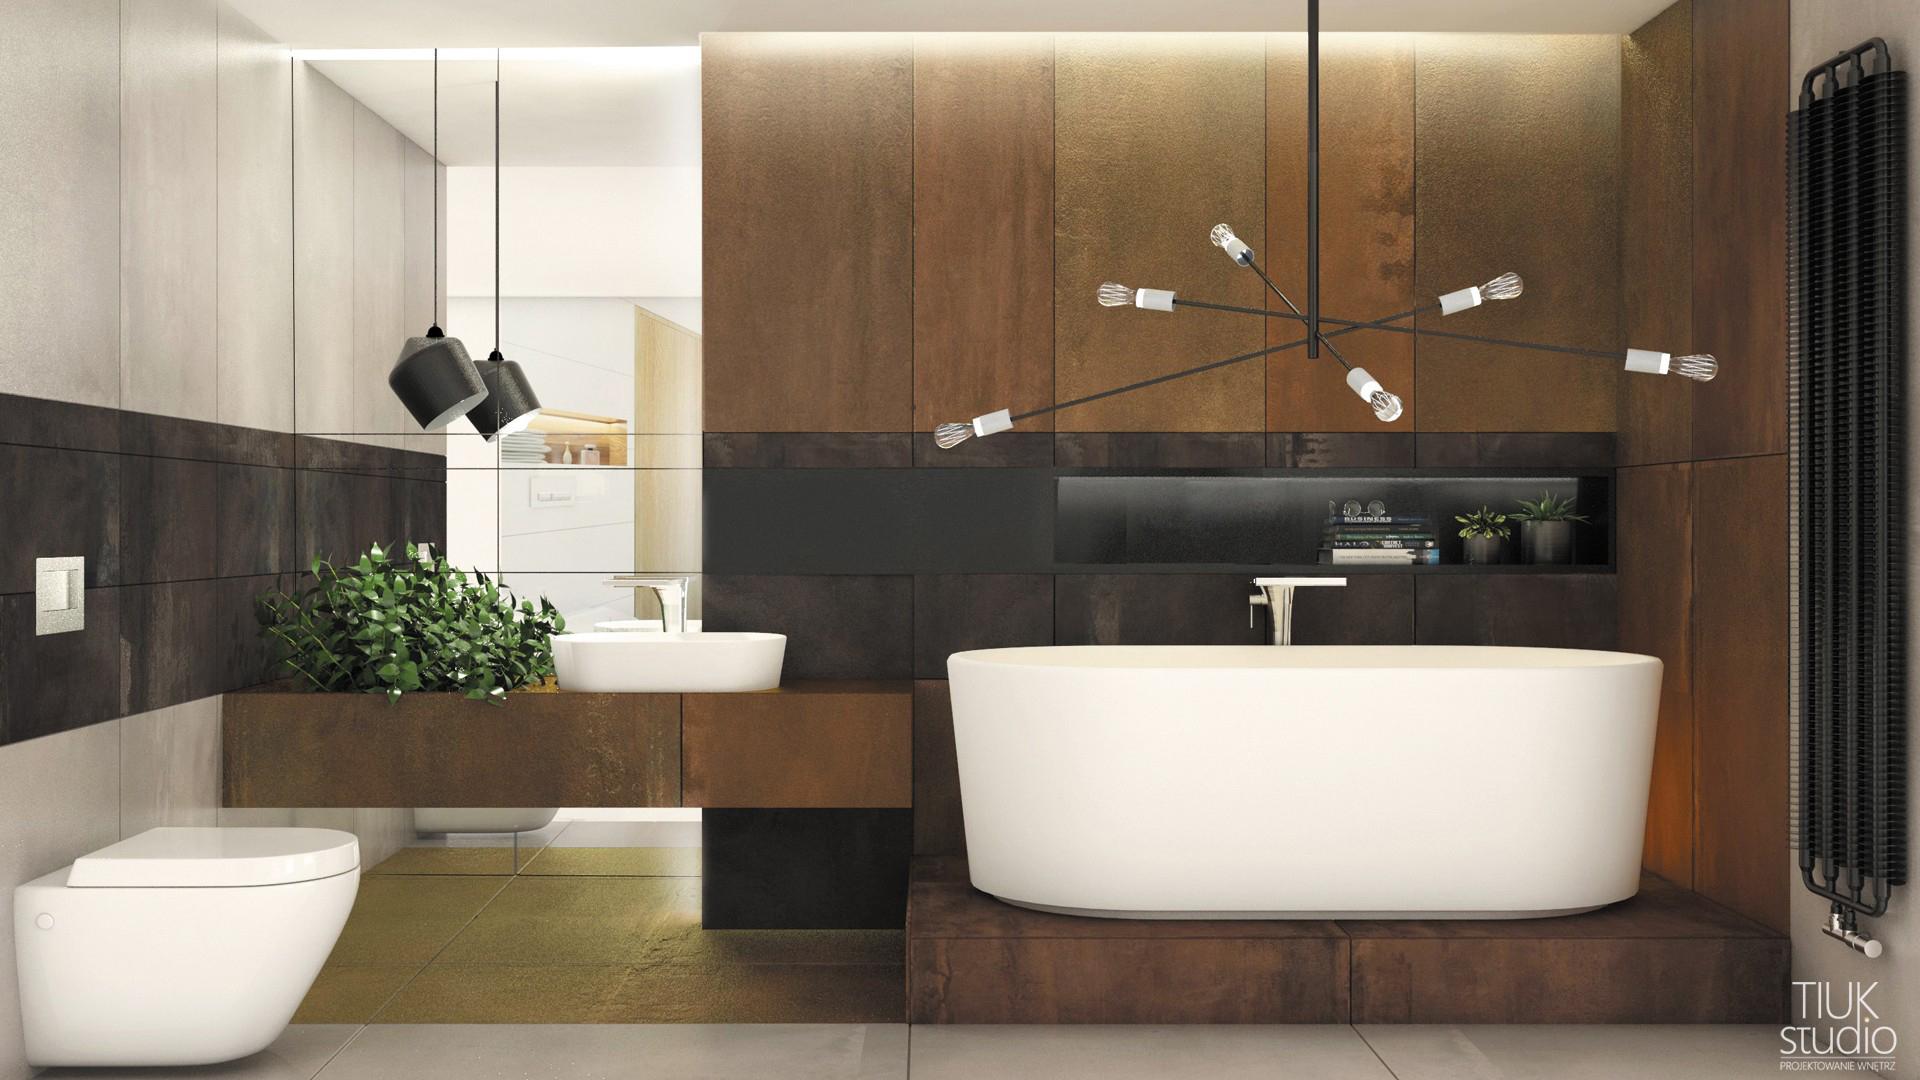 Tiuk Studio abk interno 9 ekspozycja łazienka I Instalbud Piekary Śląskie LOHO